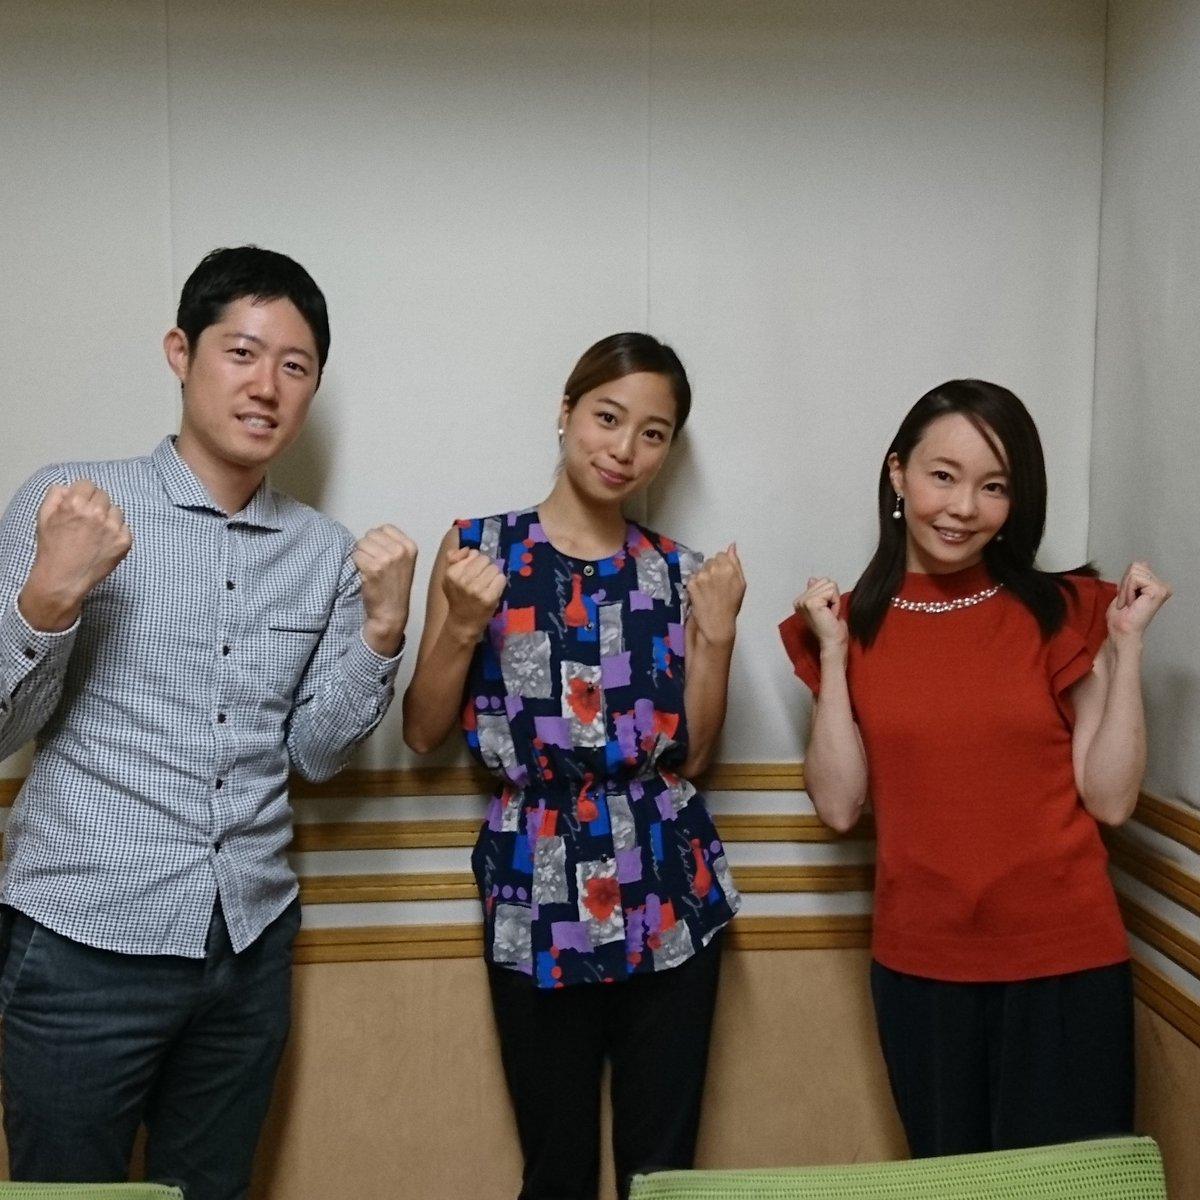 9月23日土曜日朝6時25分から「千葉真子BEST SMILEランニングクラブ」ゲストは福内櫻子さん #福内櫻子 #千葉